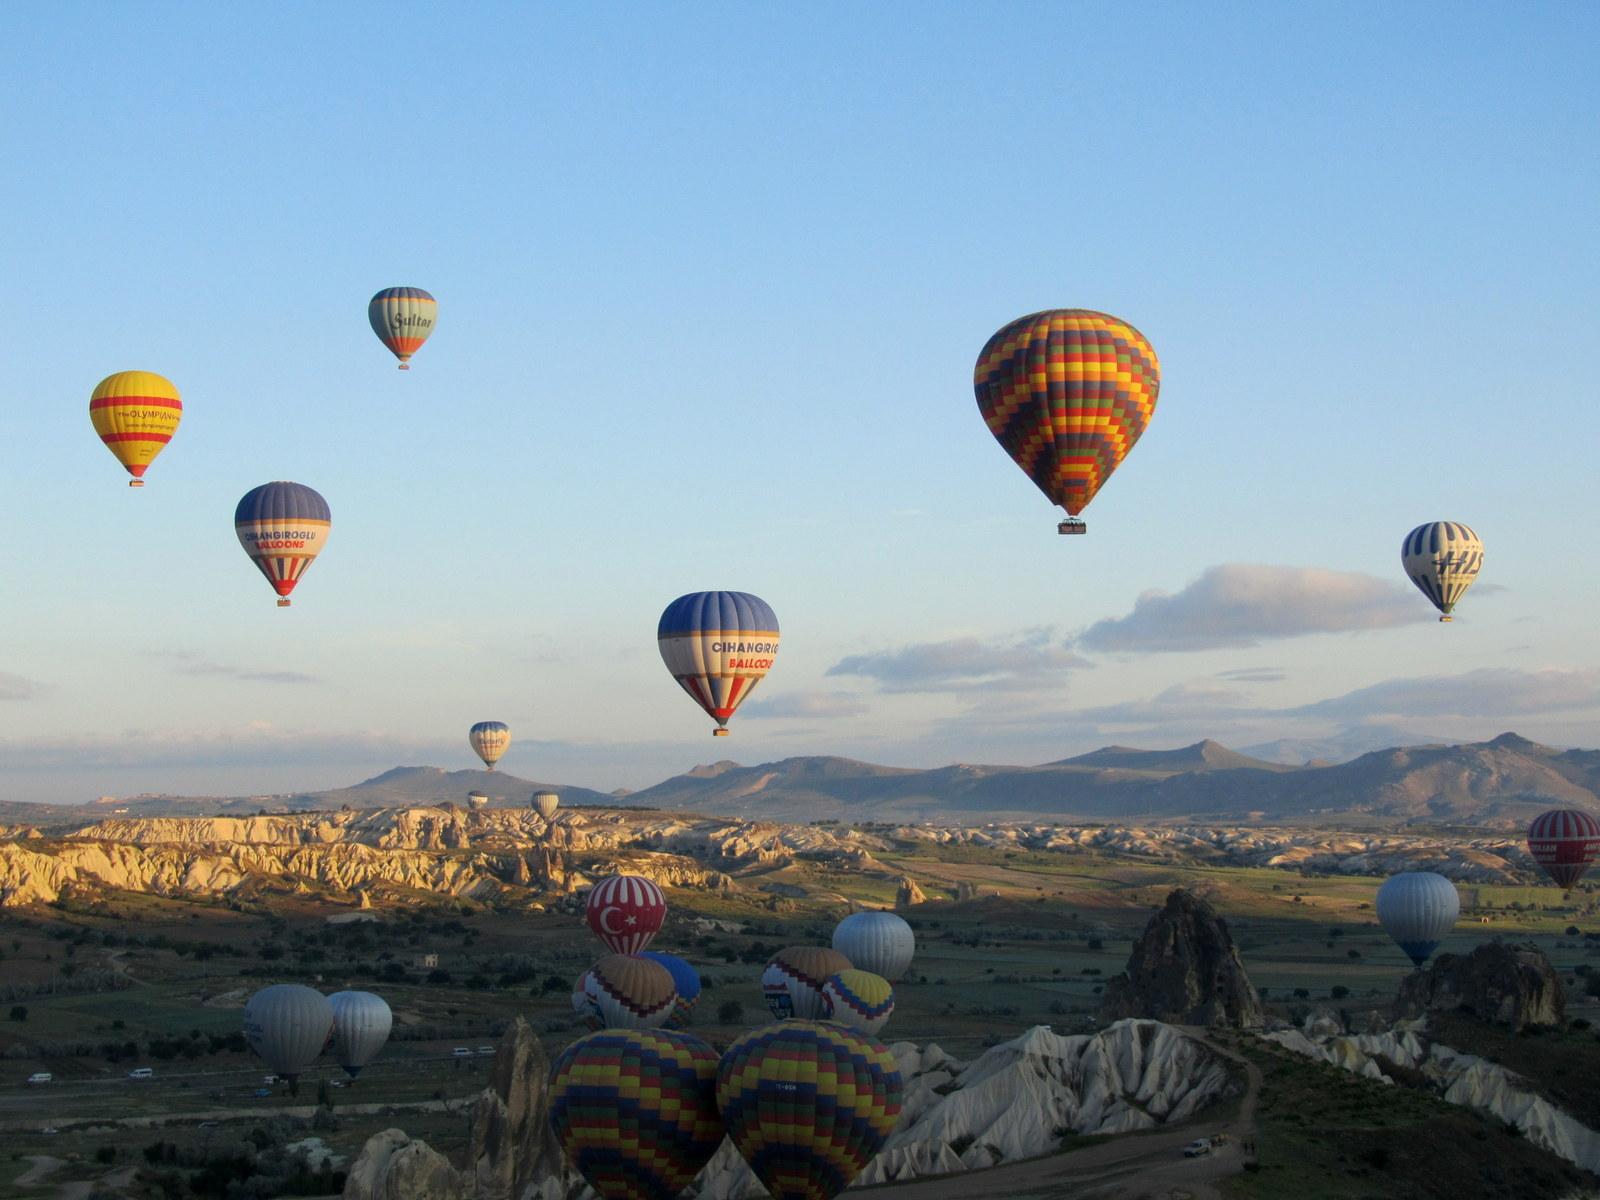 turkki-kappadokia-kuumailmapallo-11